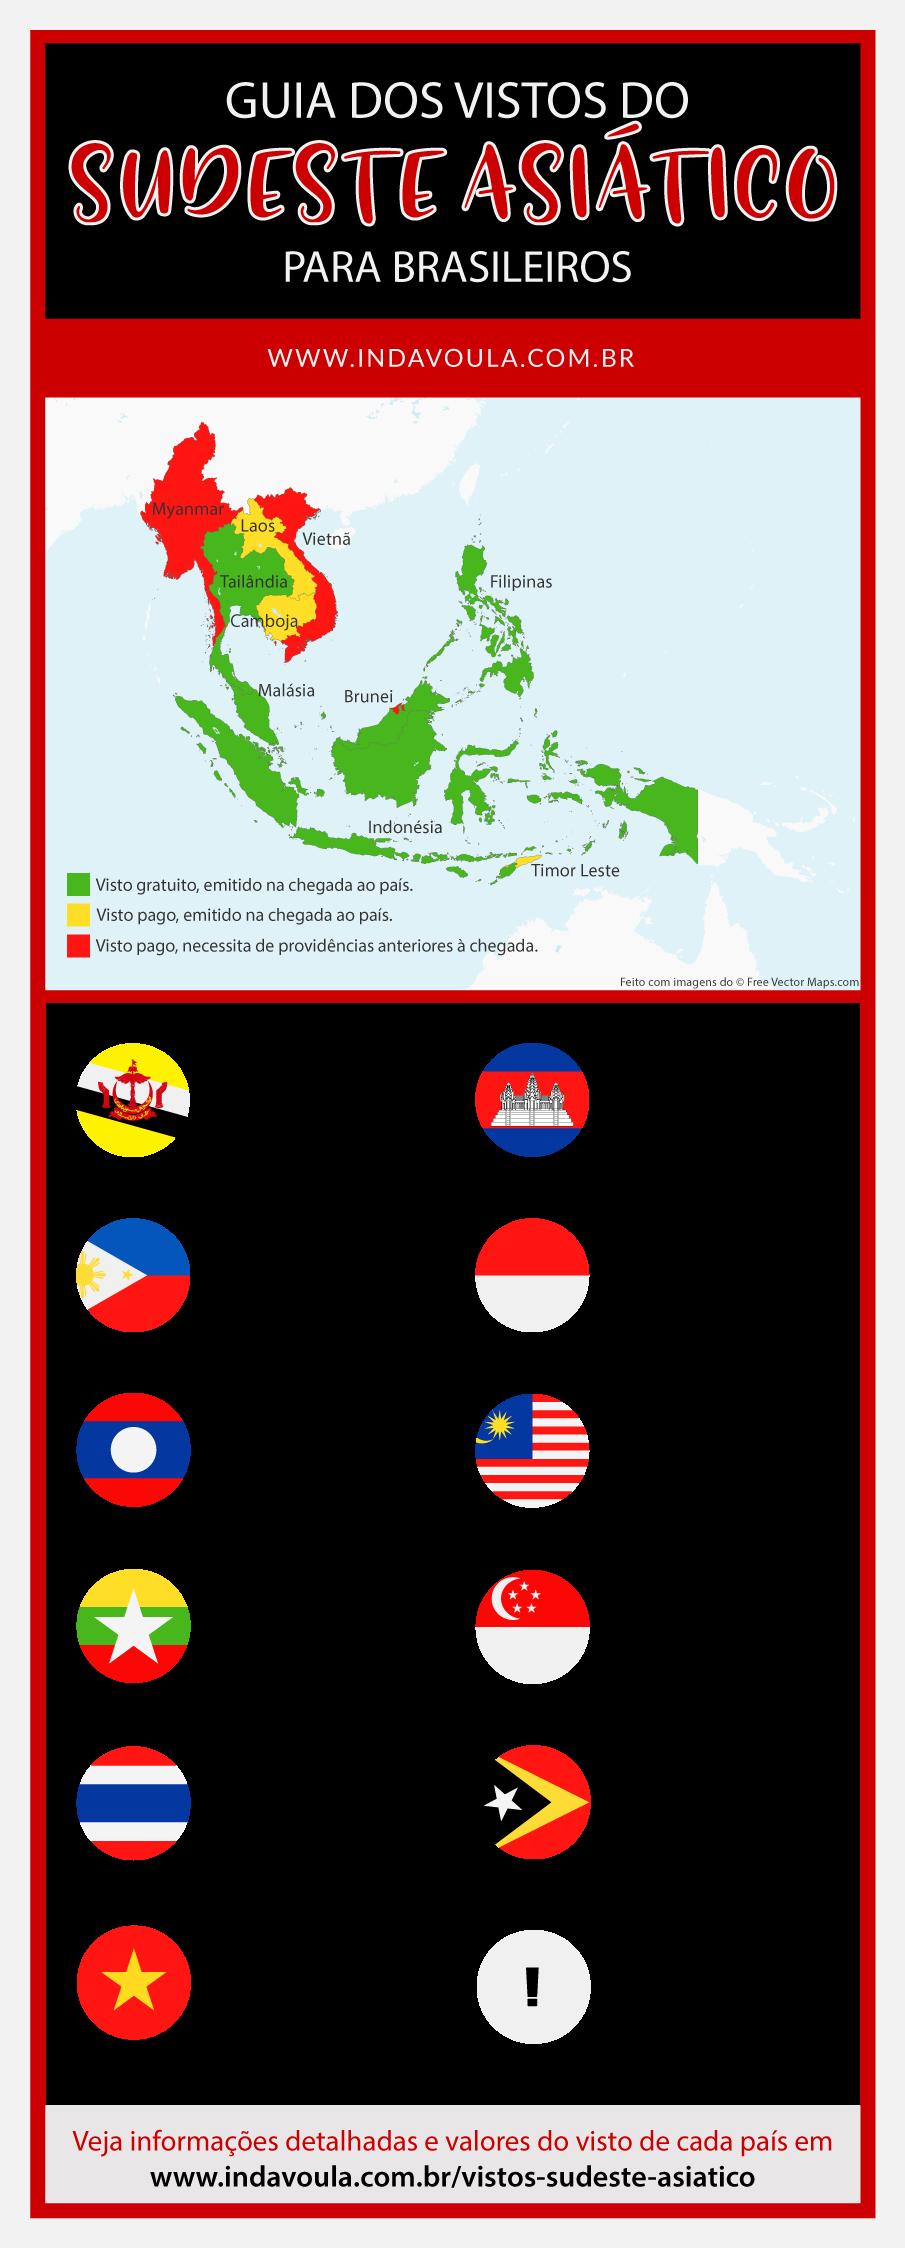 Vistos para brasileiros no Sudeste Asiático